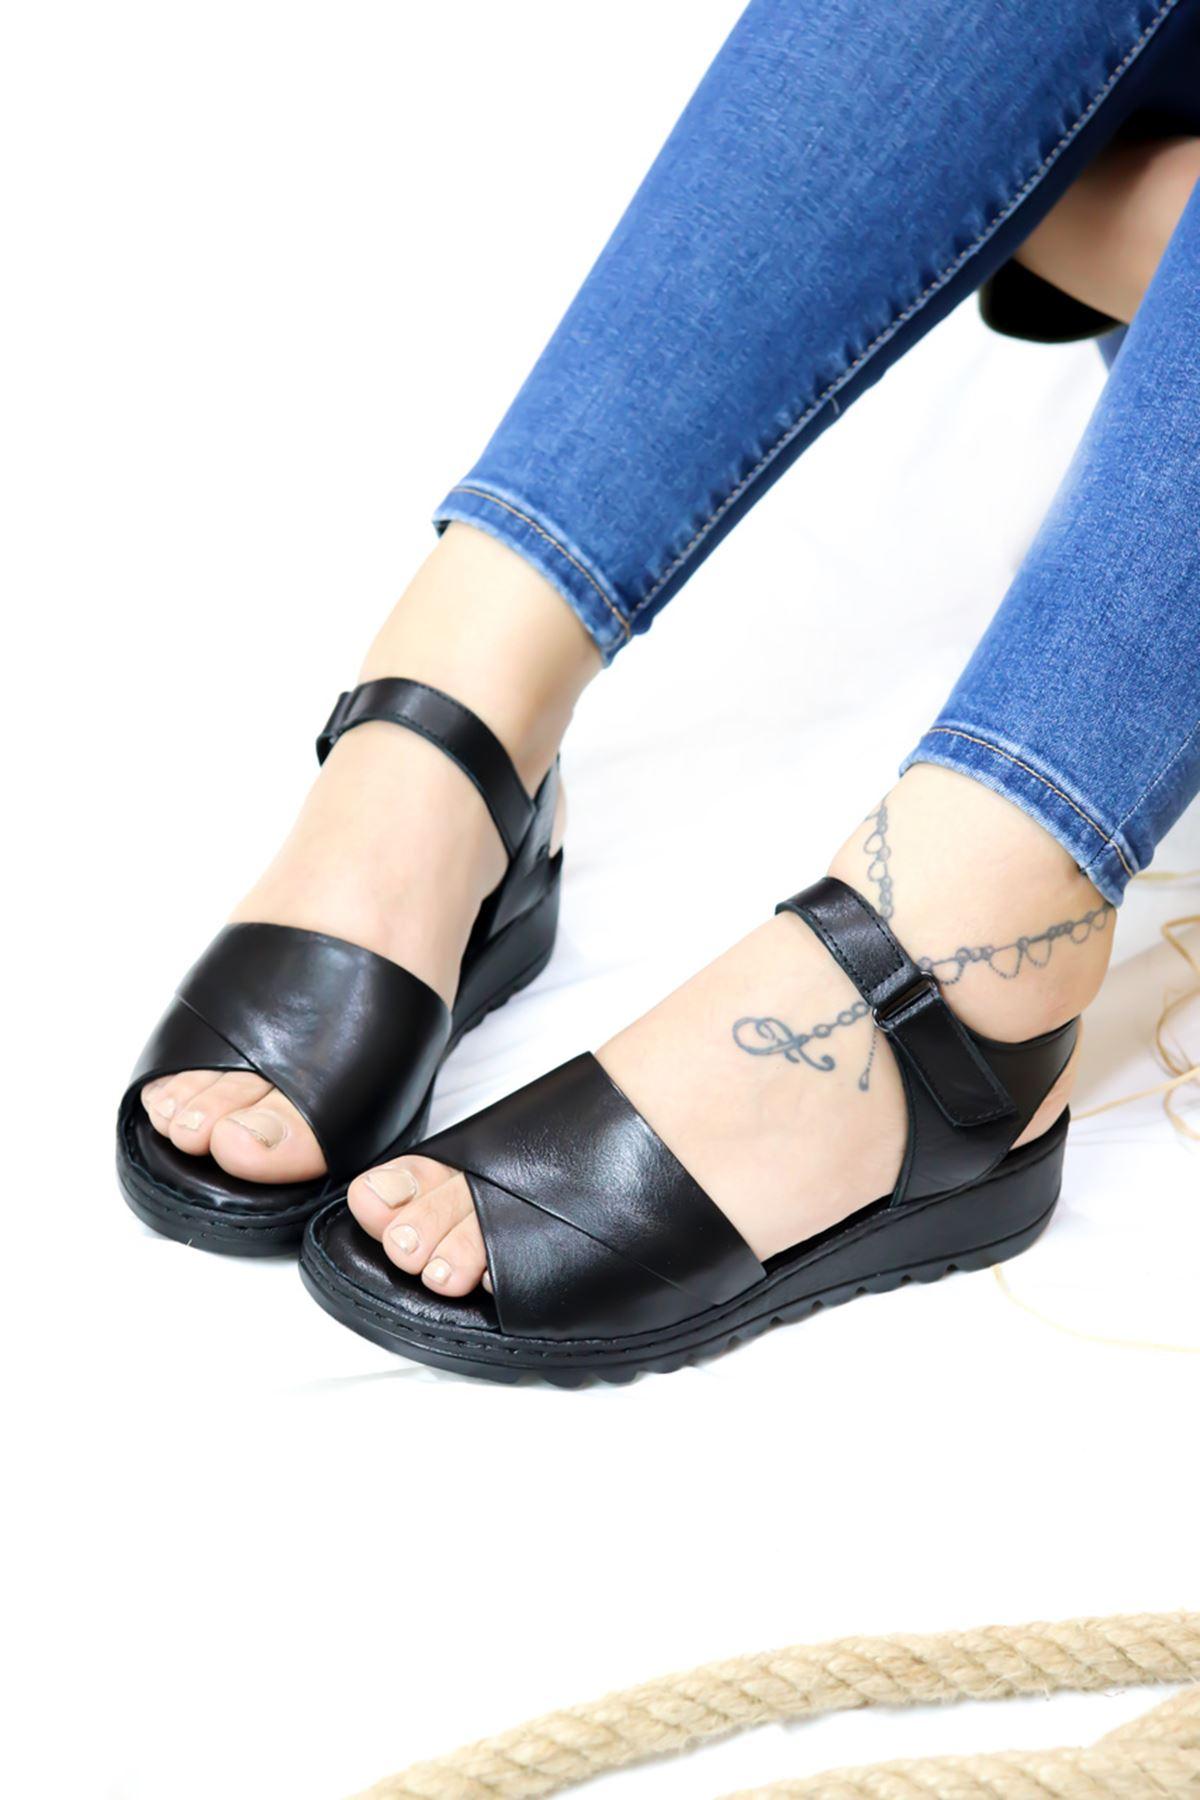 Trendayakkabı - 21Y063021 Siyah Kadın Sandalet